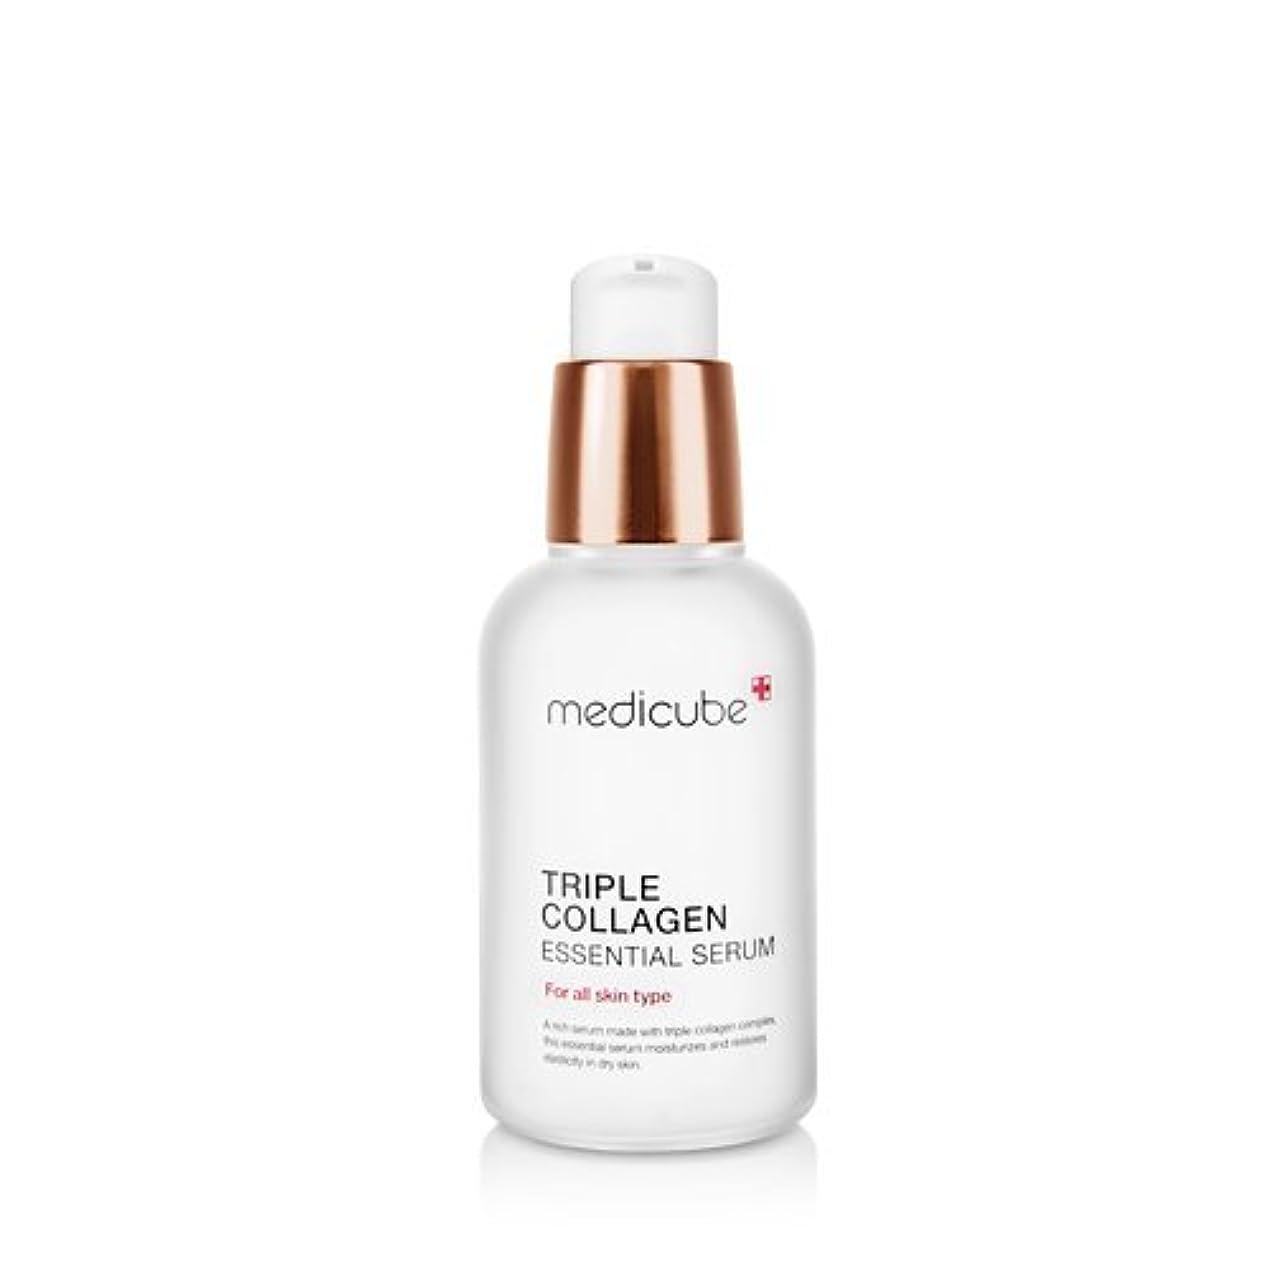 レクリエーションリゾート言い直すmedicube Triple Collagen Essential Serum 50ml/メディキューブ トリプル コラーゲン エッセンシャル セラム 50ml [並行輸入品]